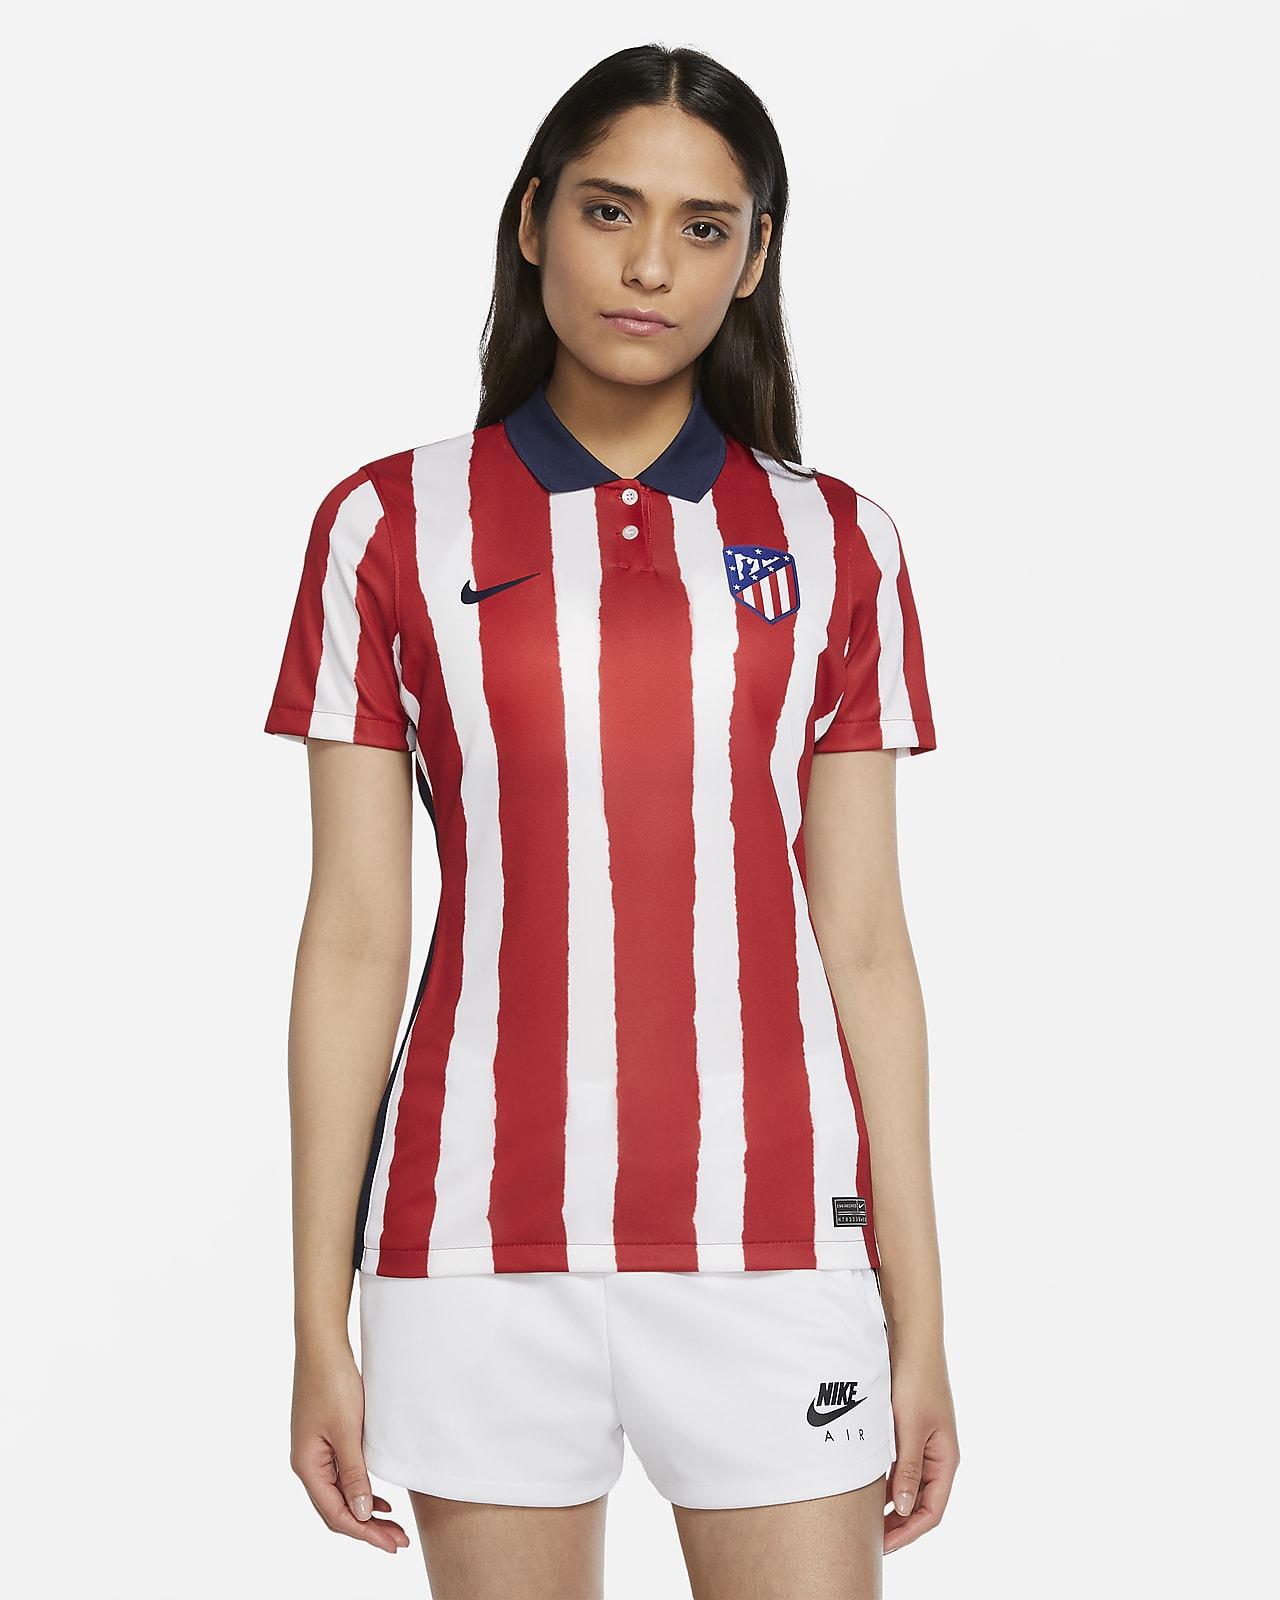 Женское футбольное джерси из домашней формы ФК «Атлетико Мадрид» 2020/21 Stadium